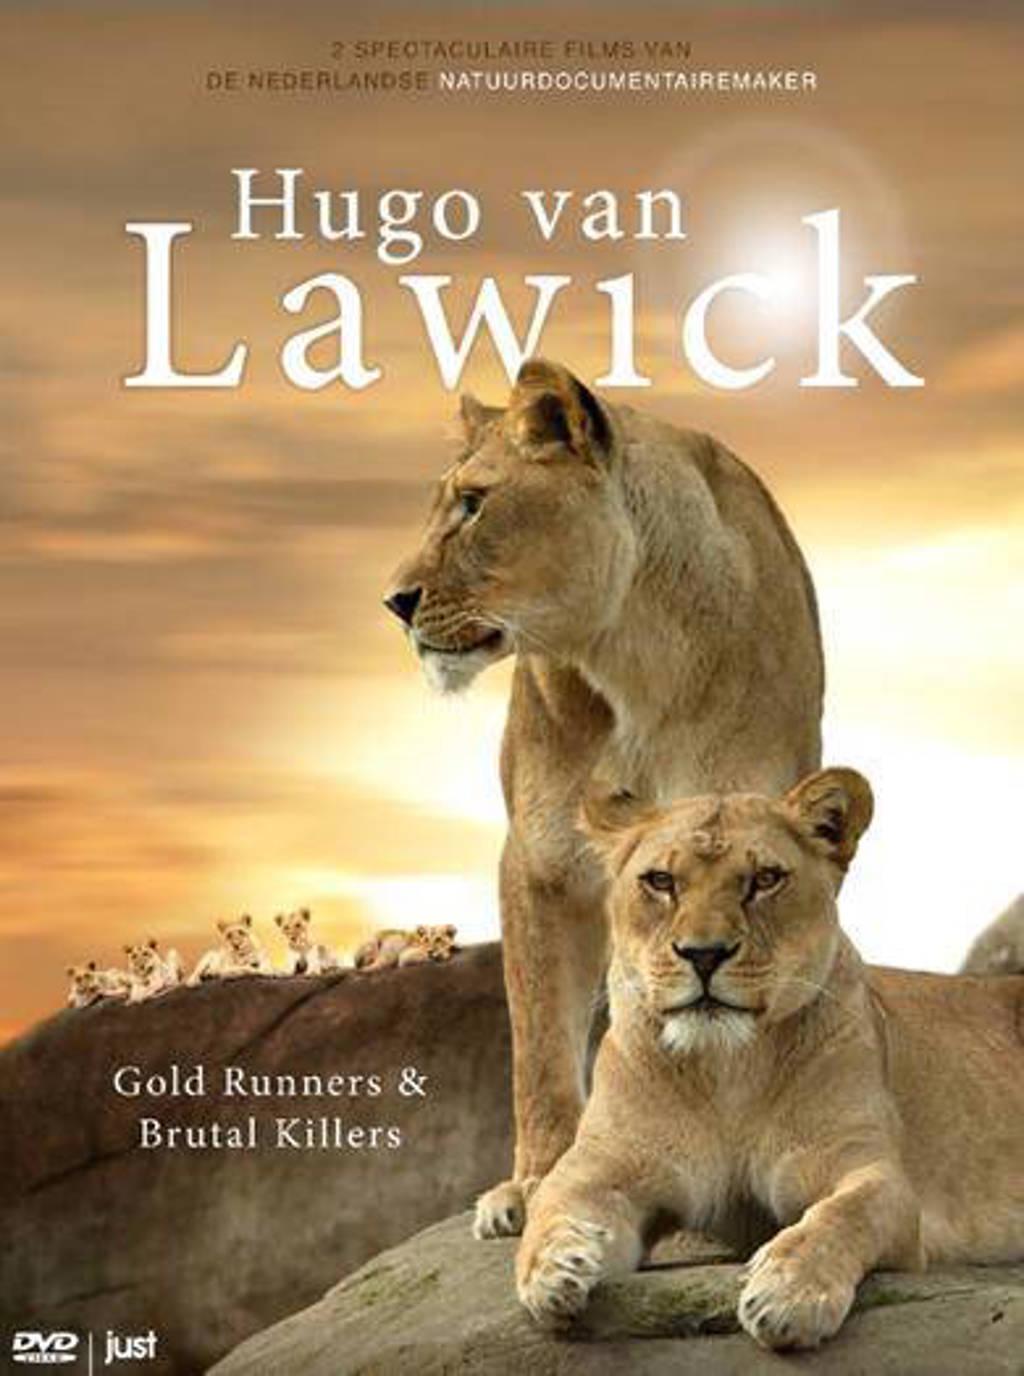 Van Lawick - Gold runners & brutal killers (DVD)